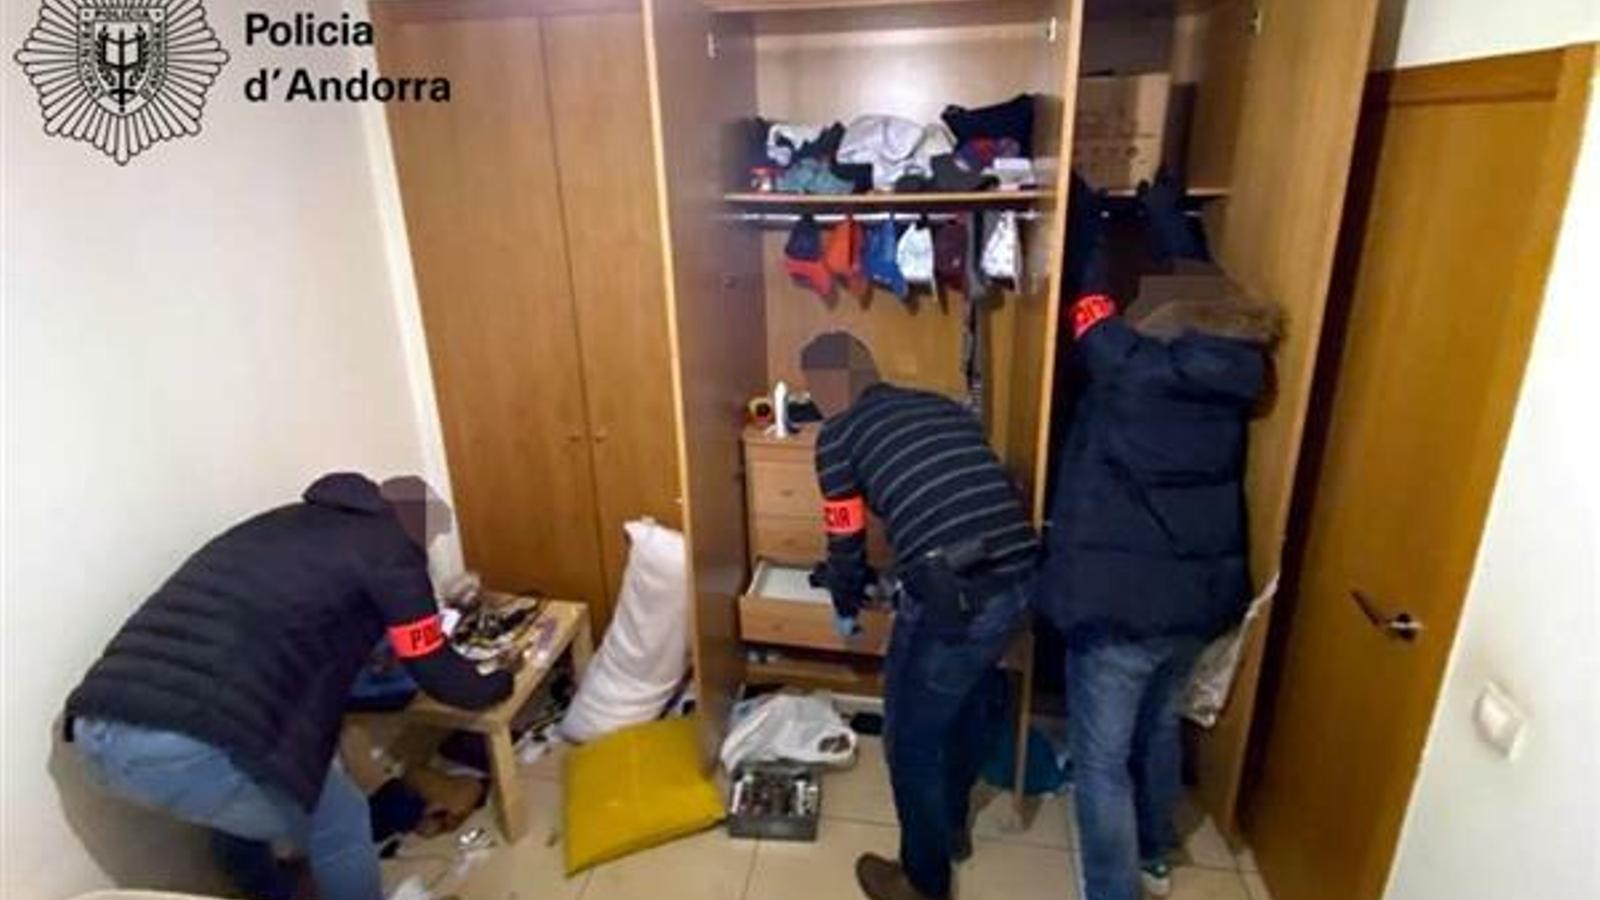 Els agents de policia dins del narcopís. / POLICIA D'ANDORRA